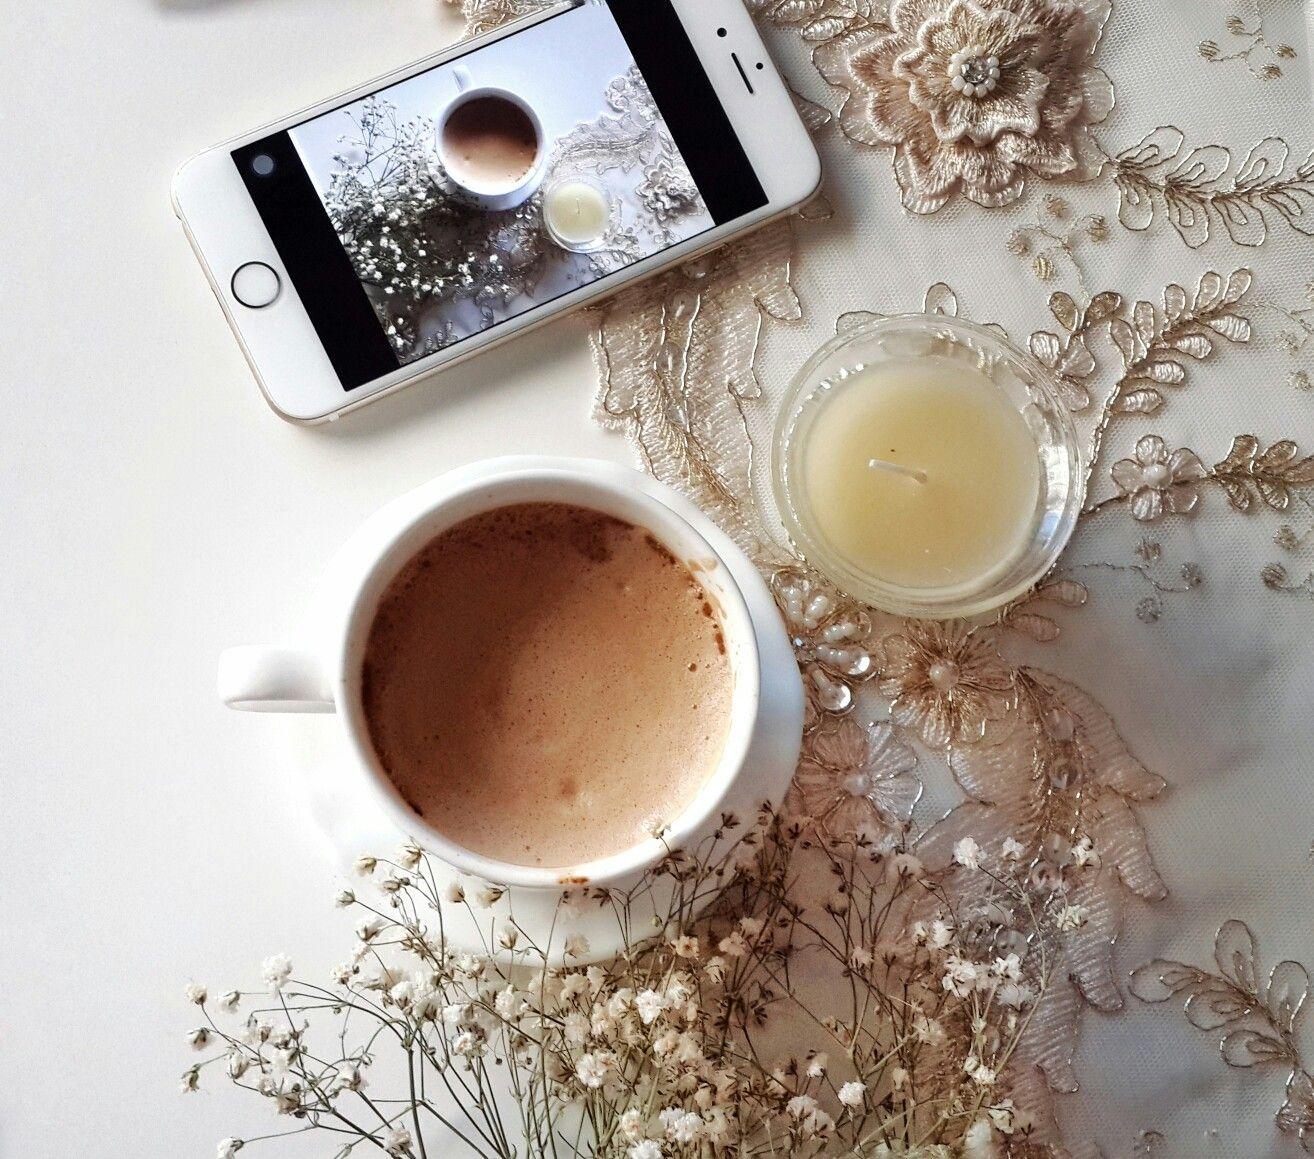 في قهوة ع المفرق في موقدة وفي نار Coffee Photographer قهوة Coffee Tableware Glassware